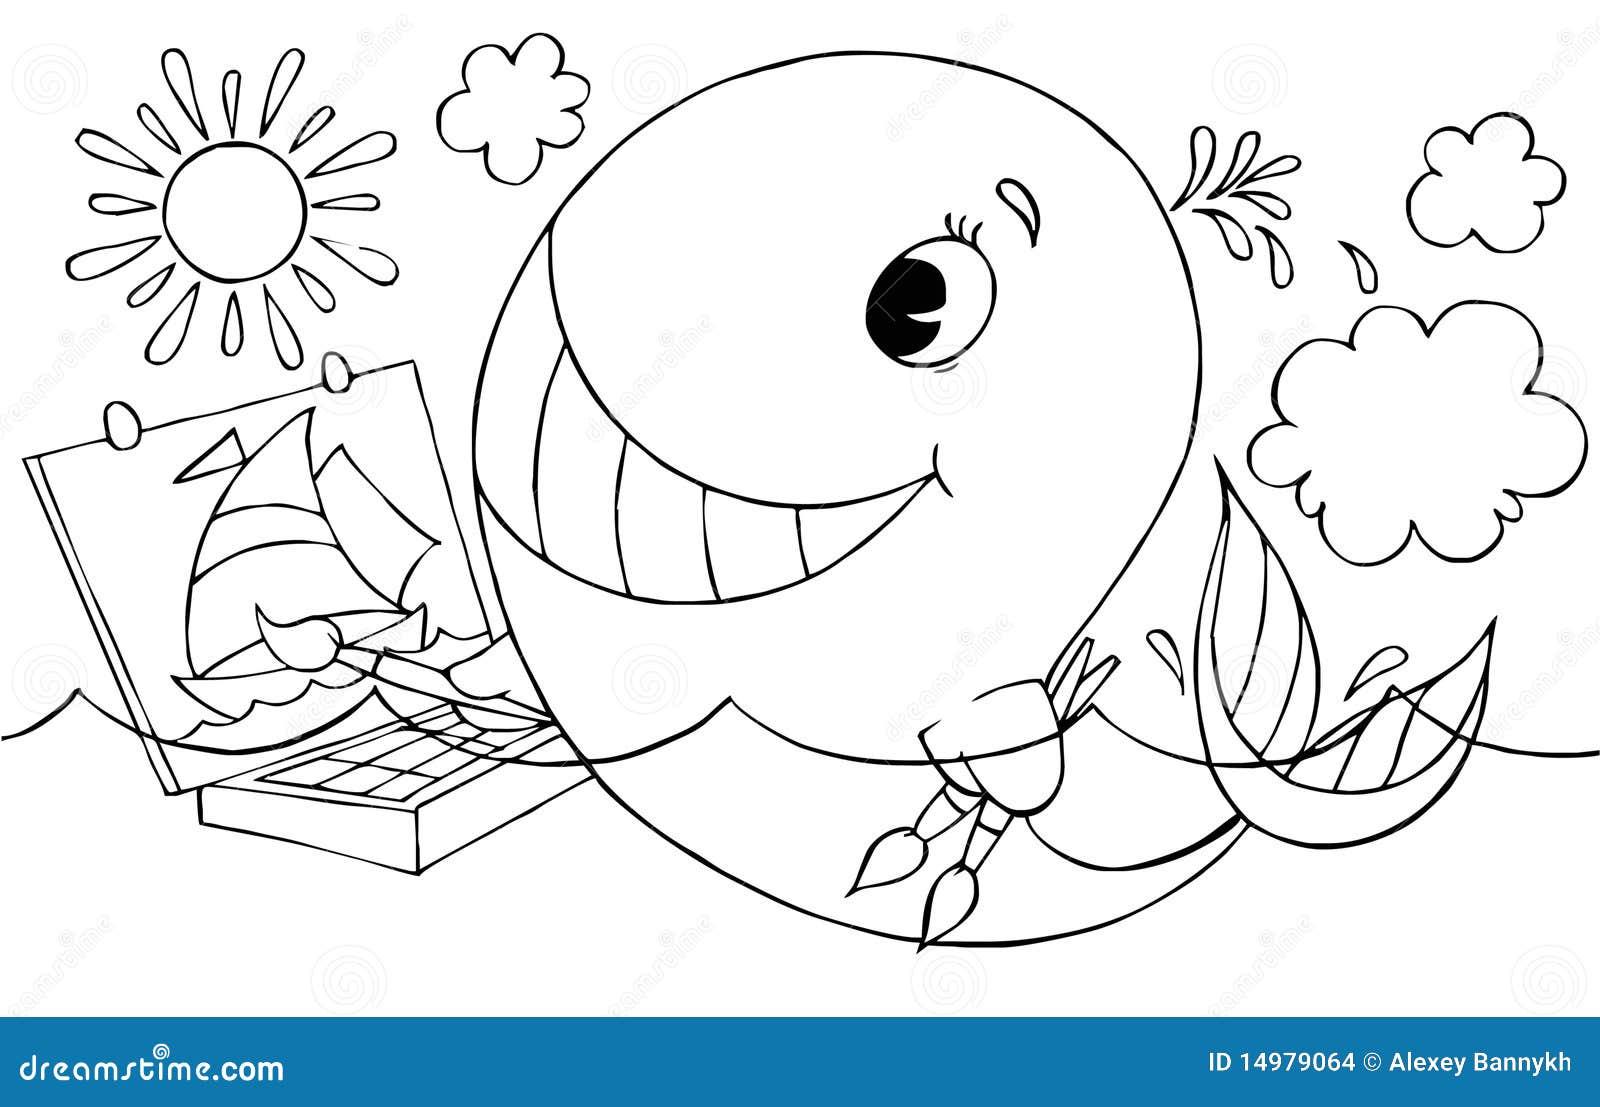 黑白拼贴画鲸鱼图片